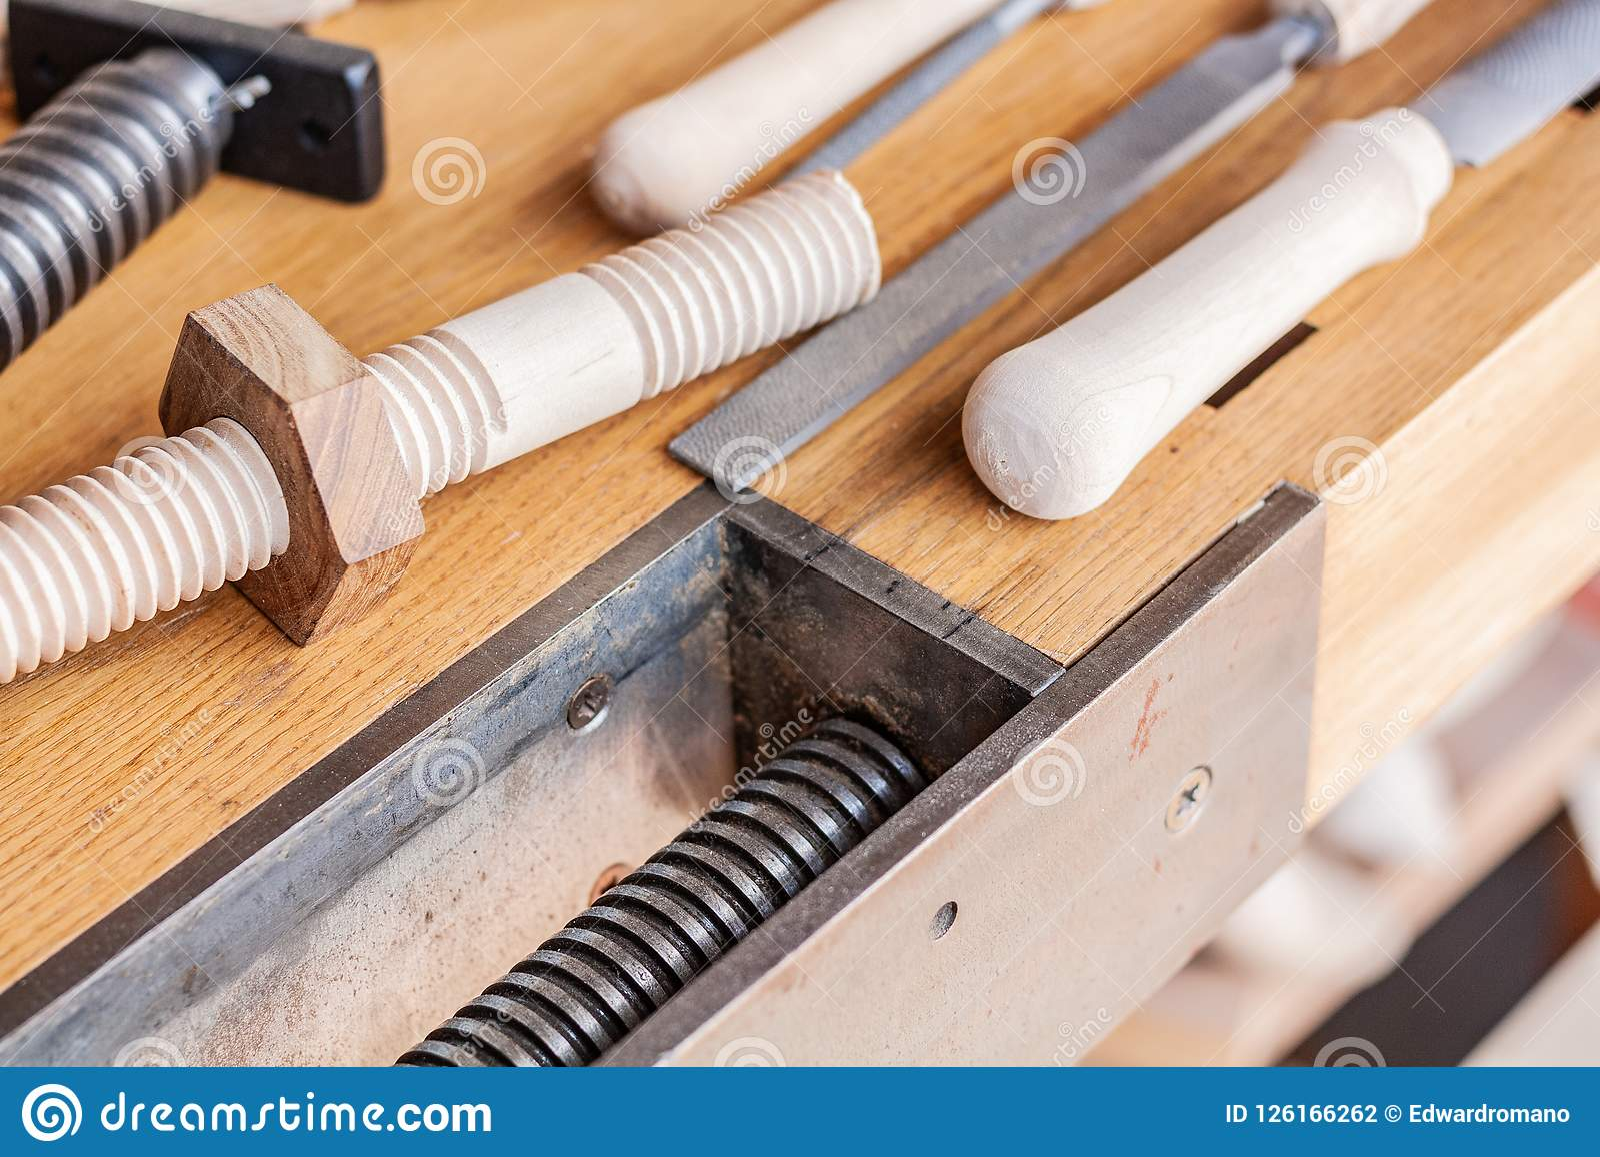 Искусство Woodworking, честное занятие в пределах устойчивого образа жизни Плотничество и вырезывание